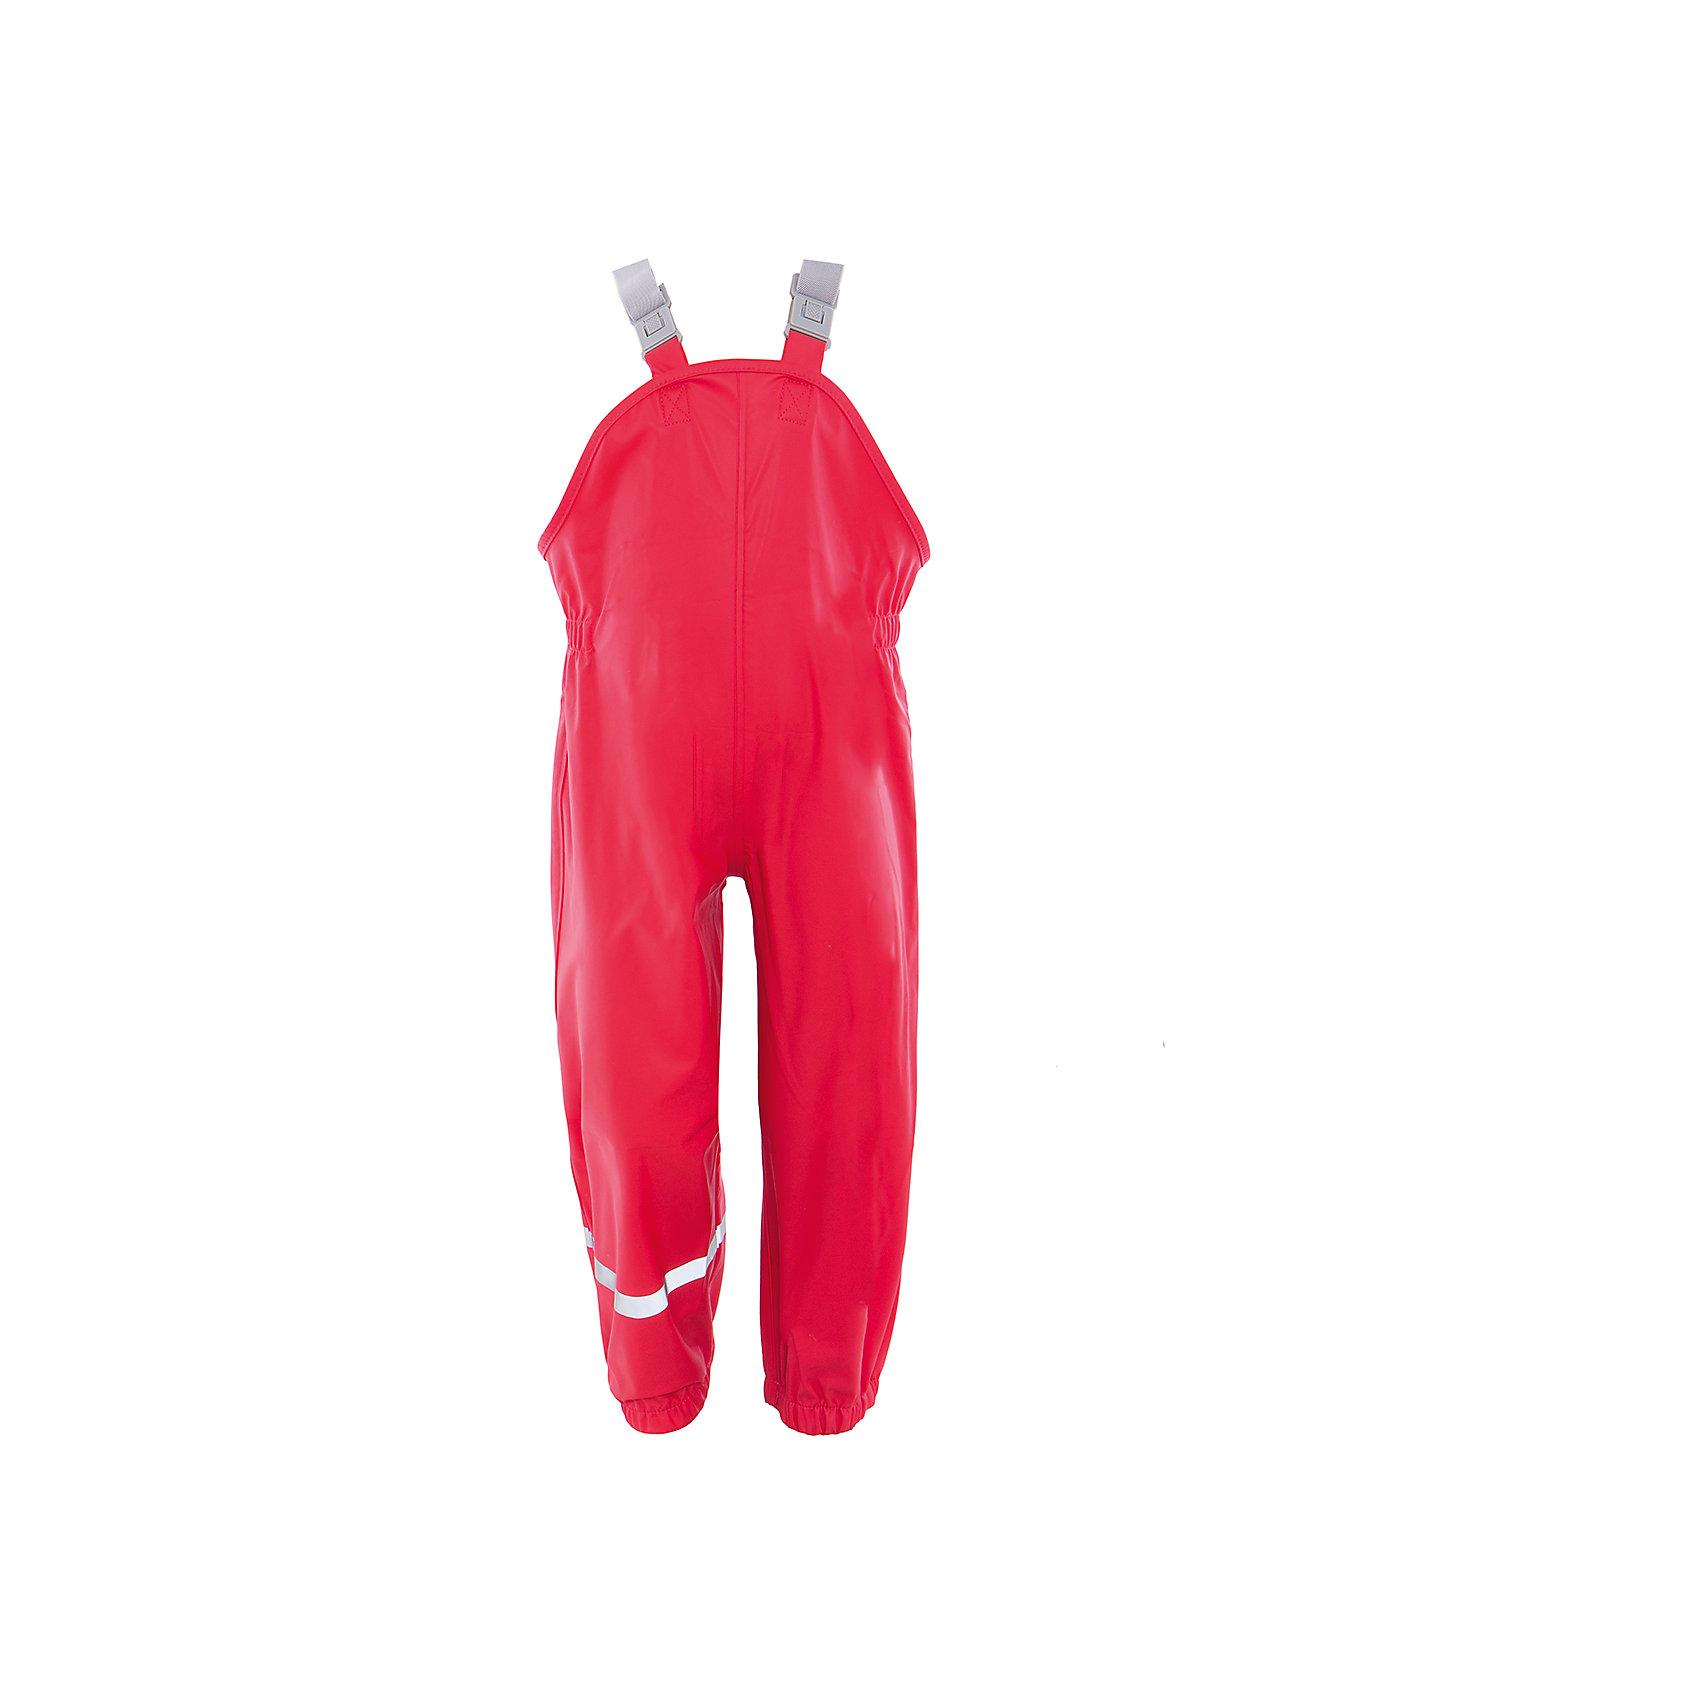 Непромокаемый полукомбинезон для девочки Color KidsВерхняя одежда<br>Характеристики товара:<br><br>• цвет: красный<br>• состав: 50% полиэстер, 50% полиуретан<br>• регулируемые подтяжки<br>• без утеплителя<br>• швы проклеены<br>• водонепроницаемый <br>• ветрозащитный<br>• светоотражающие детали<br>• эластичные манжеты<br>• эластичная талия<br>• сезон: демисезон<br>• температурный режим: +10 до +20<br>• страна производства: Китай<br>• страна бренда: Дания<br><br>Такой удобный комбинезон сделан из непромокаемого легкого материала, поэтому отлично подойдет для дождливой погоды в межсезонье. <br><br>Одежду от датского бренда Color Kids уже успели оценить многие потребители по всему миру! Она удобная и красивая, если линейки, разработанные специально для детей. <br><br>Для производства изделий используются только безопасные, качественные материалы и фурнитура. Подарите своем у ребенку модную и комфортную одежду от известного бренда!<br><br>Полукомбинезон для девочки от датского бренда Color Kids (Колор кидз) можно купить в нашем интернет-магазине.<br><br>Ширина мм: 215<br>Глубина мм: 88<br>Высота мм: 191<br>Вес г: 336<br>Цвет: красный<br>Возраст от месяцев: 48<br>Возраст до месяцев: 60<br>Пол: Женский<br>Возраст: Детский<br>Размер: 110,98,104,122,128<br>SKU: 5557293